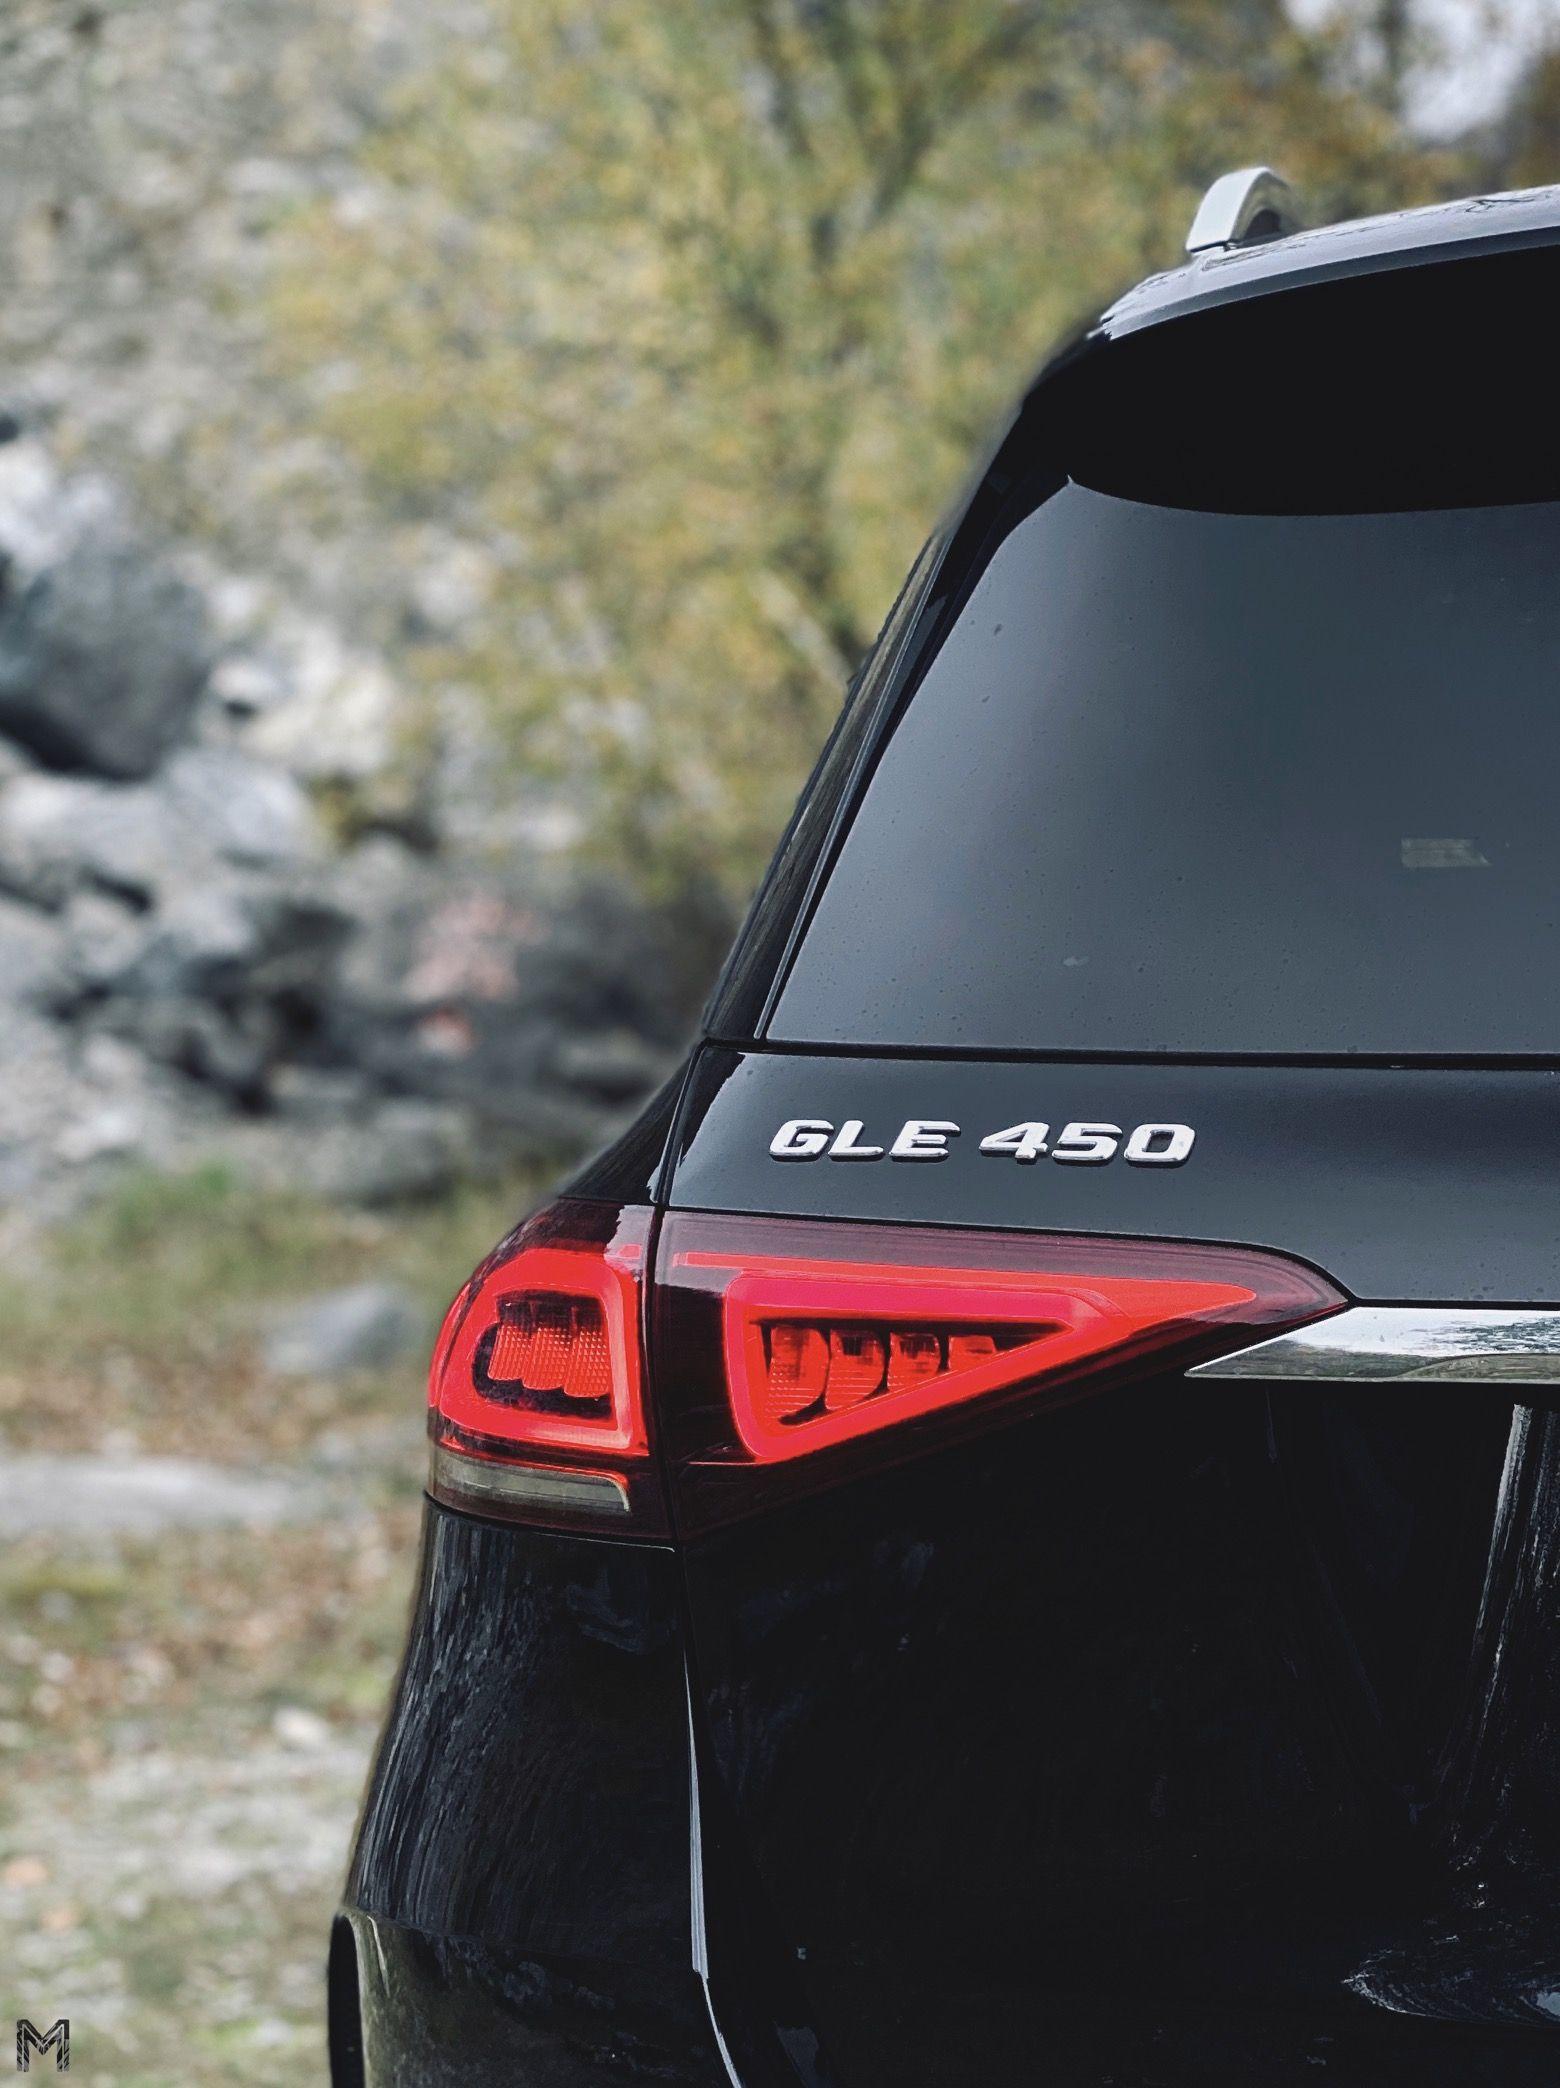 Je nové GLE lepšie ako X5? Aj to sme zisťovali pri teste vyše 100-tisícového Mercedesu